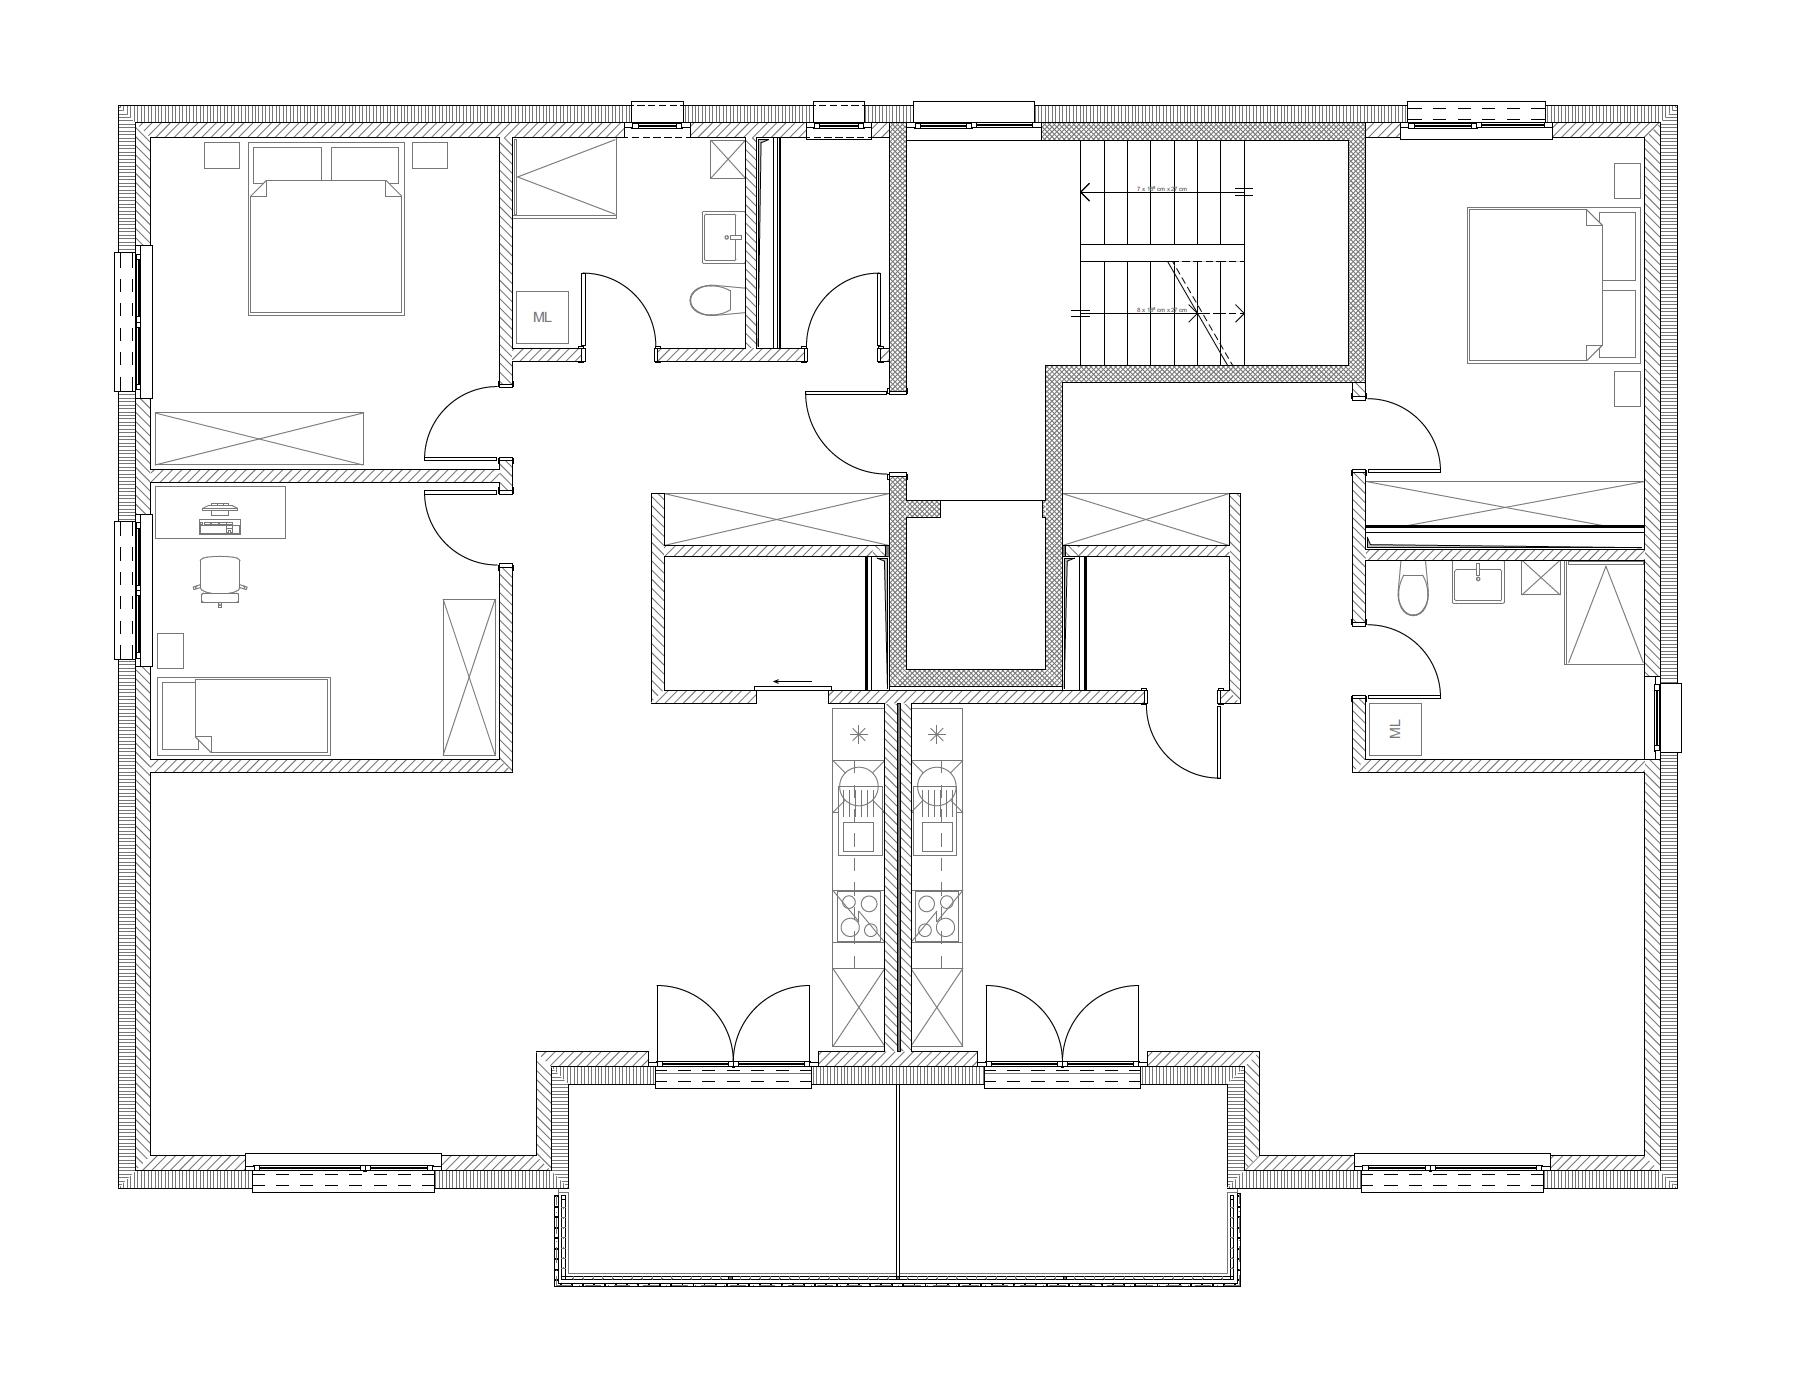 Bâtiment A, 1er étage